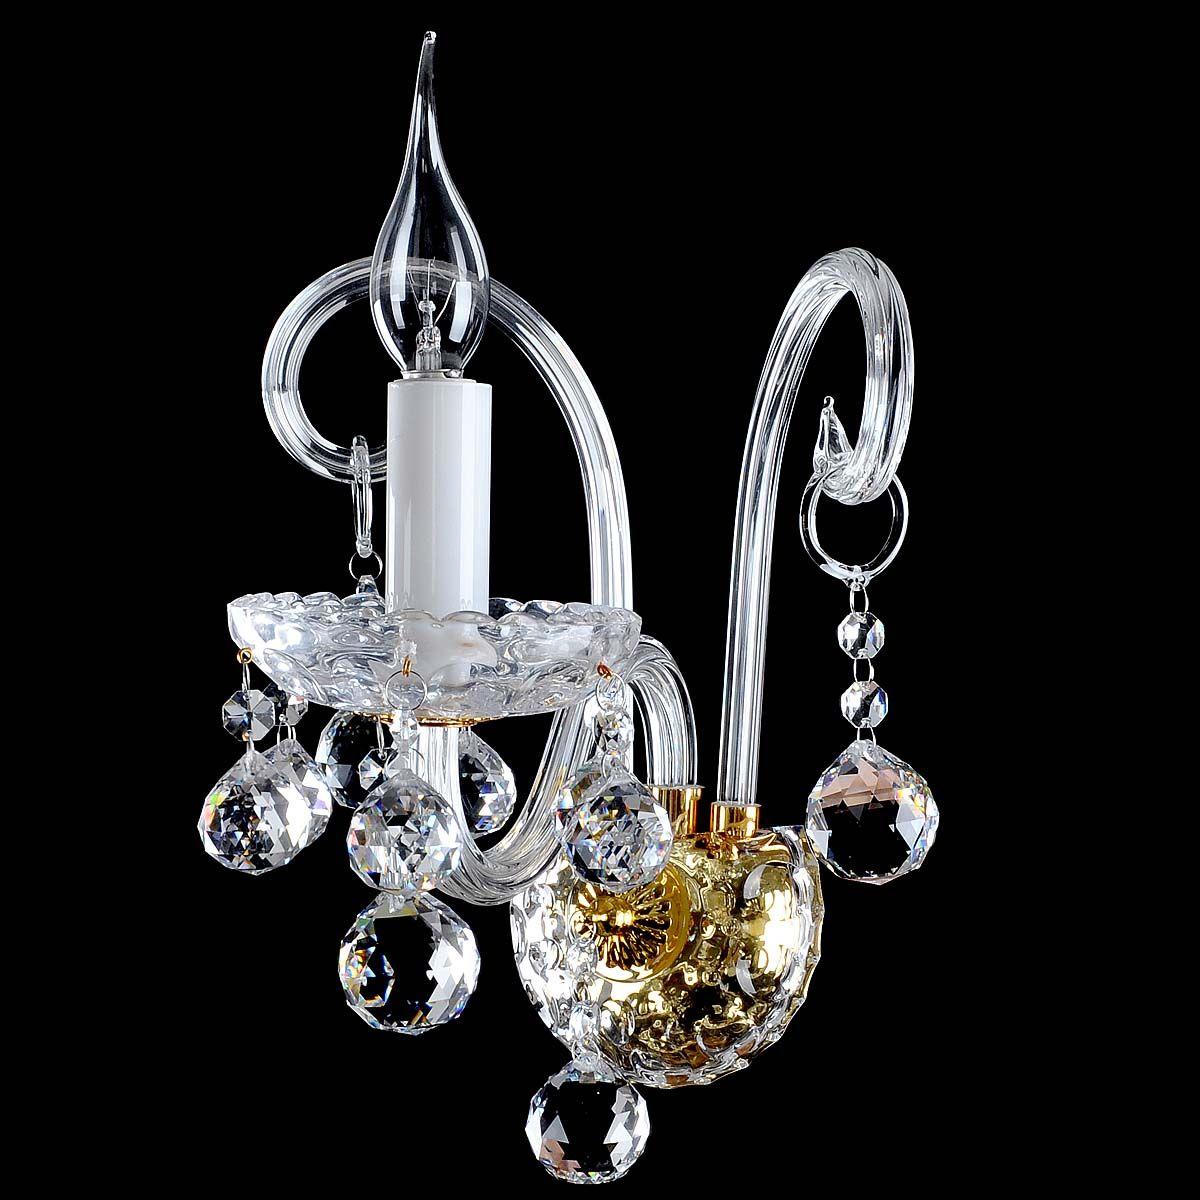 现代艺术欧式创意水晶床头壁灯